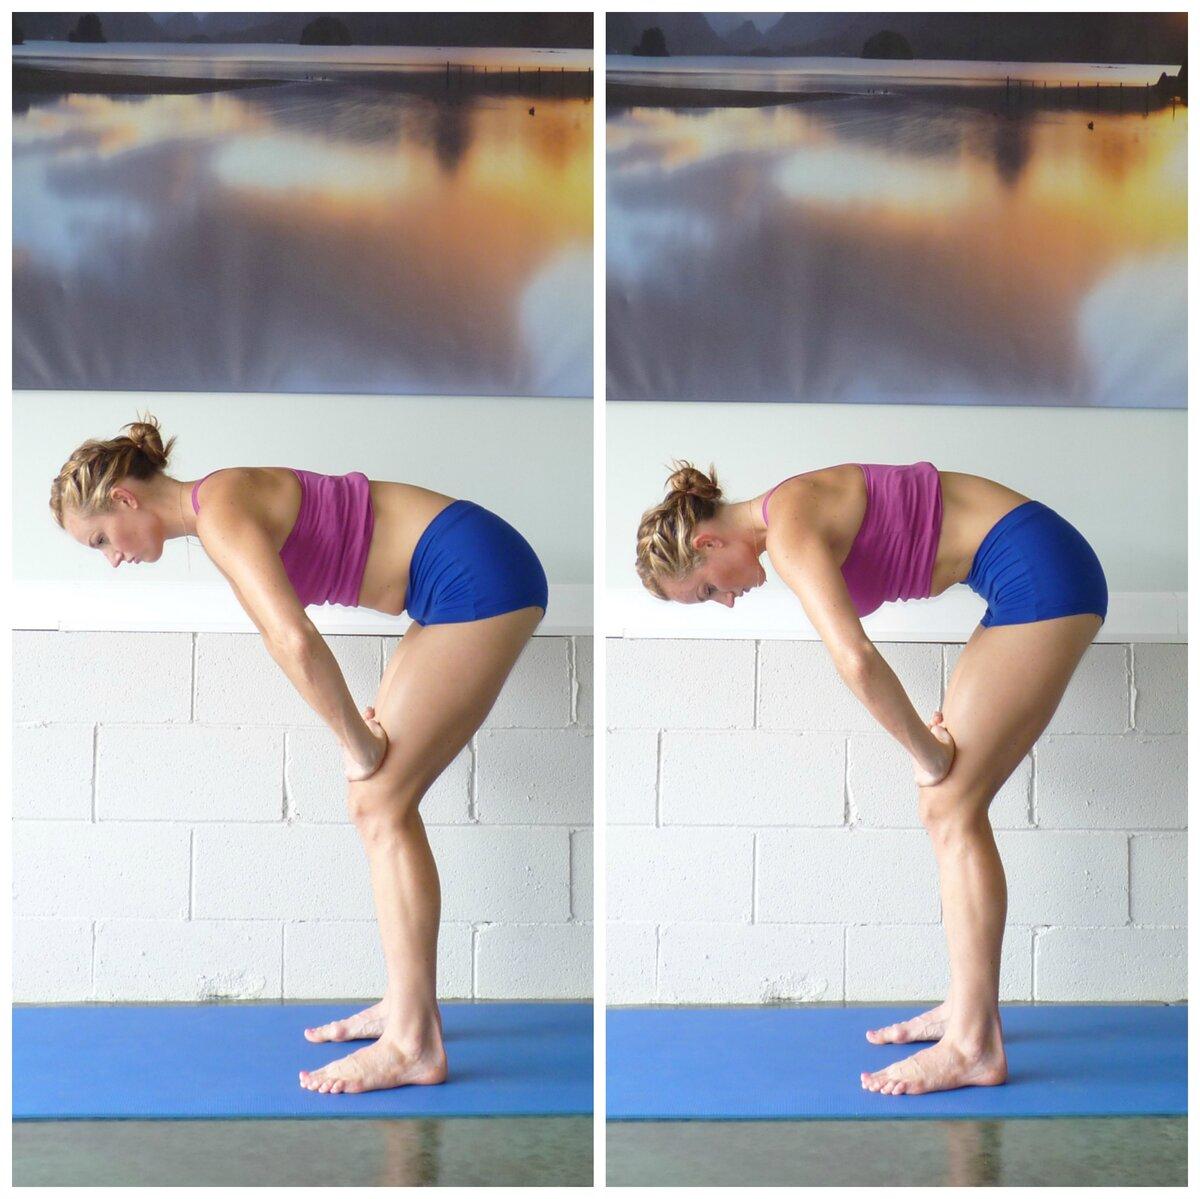 Упражнение вакуум: как правильно делать, противопоказания